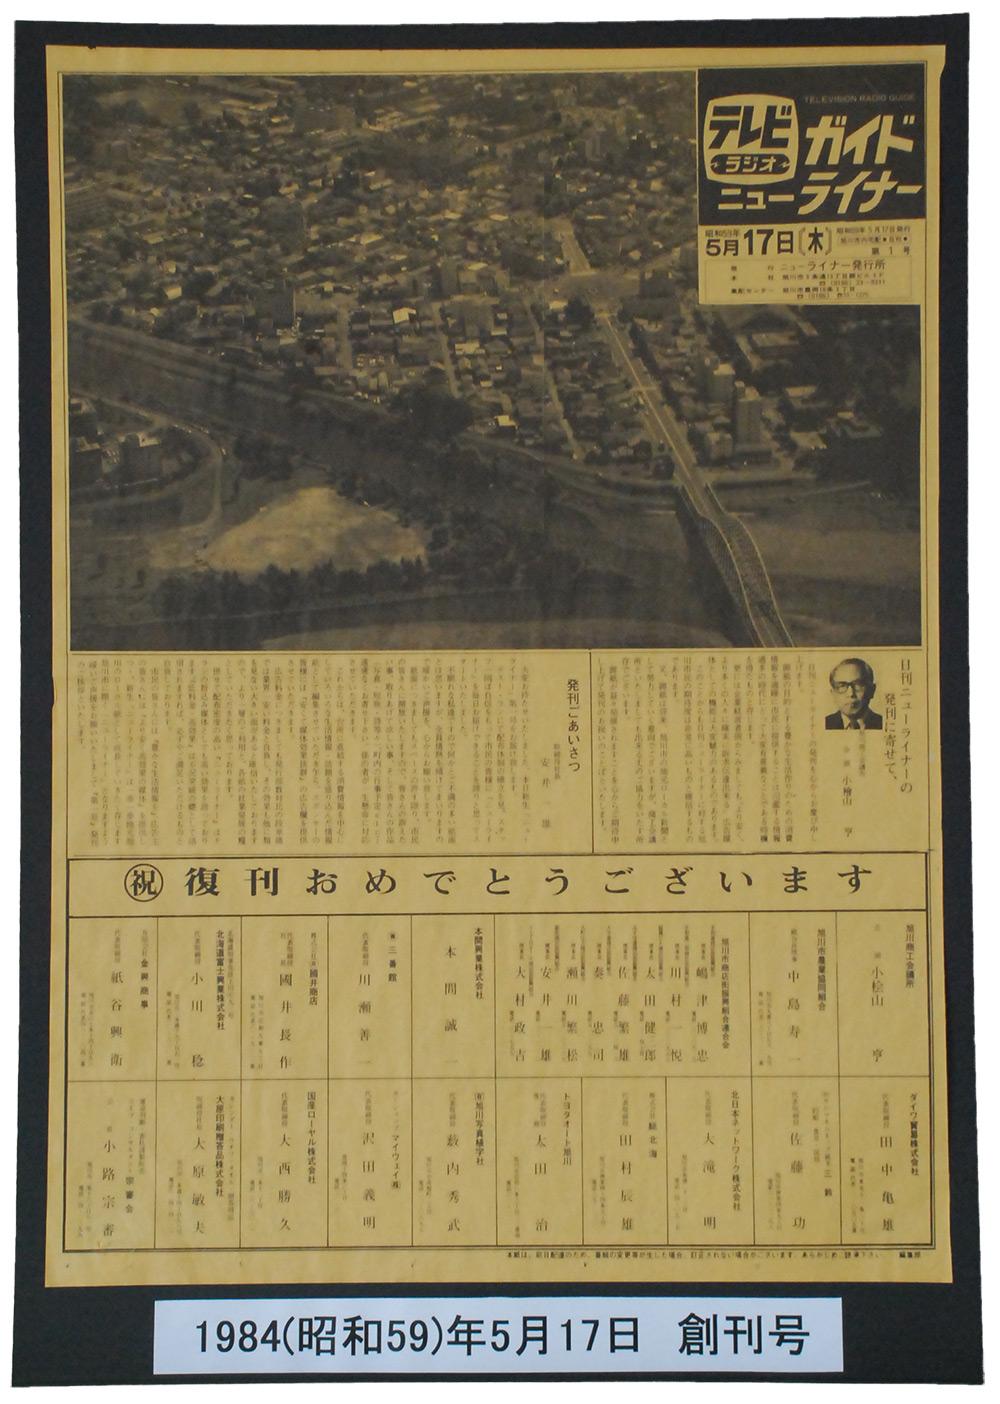 ライナー創刊号:昭和59年5月17日